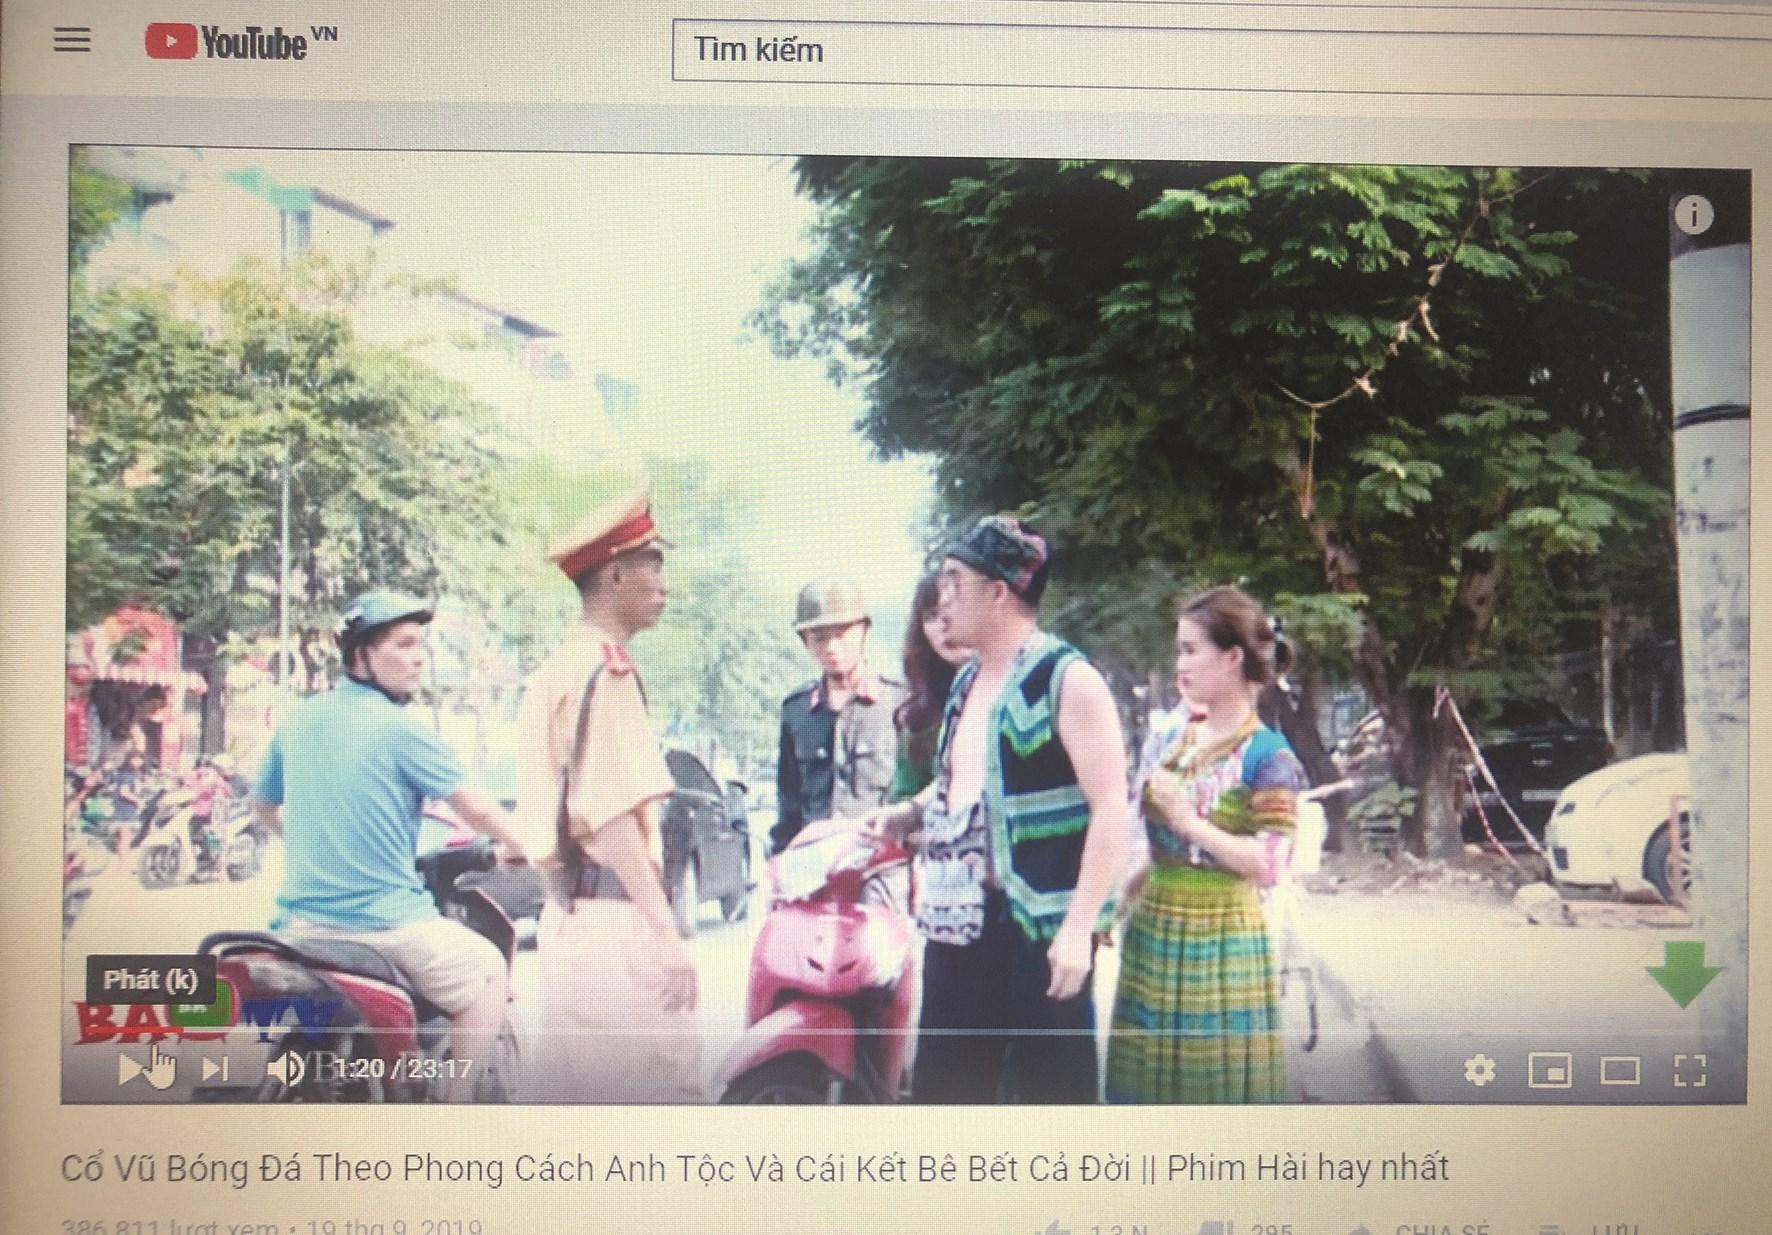 """Một đoạn trong video """"Cổ vũ bóng đá theo phong cách anh Tộc và cái kết bê bết cả đời"""" được đăng tải trên Youtube"""